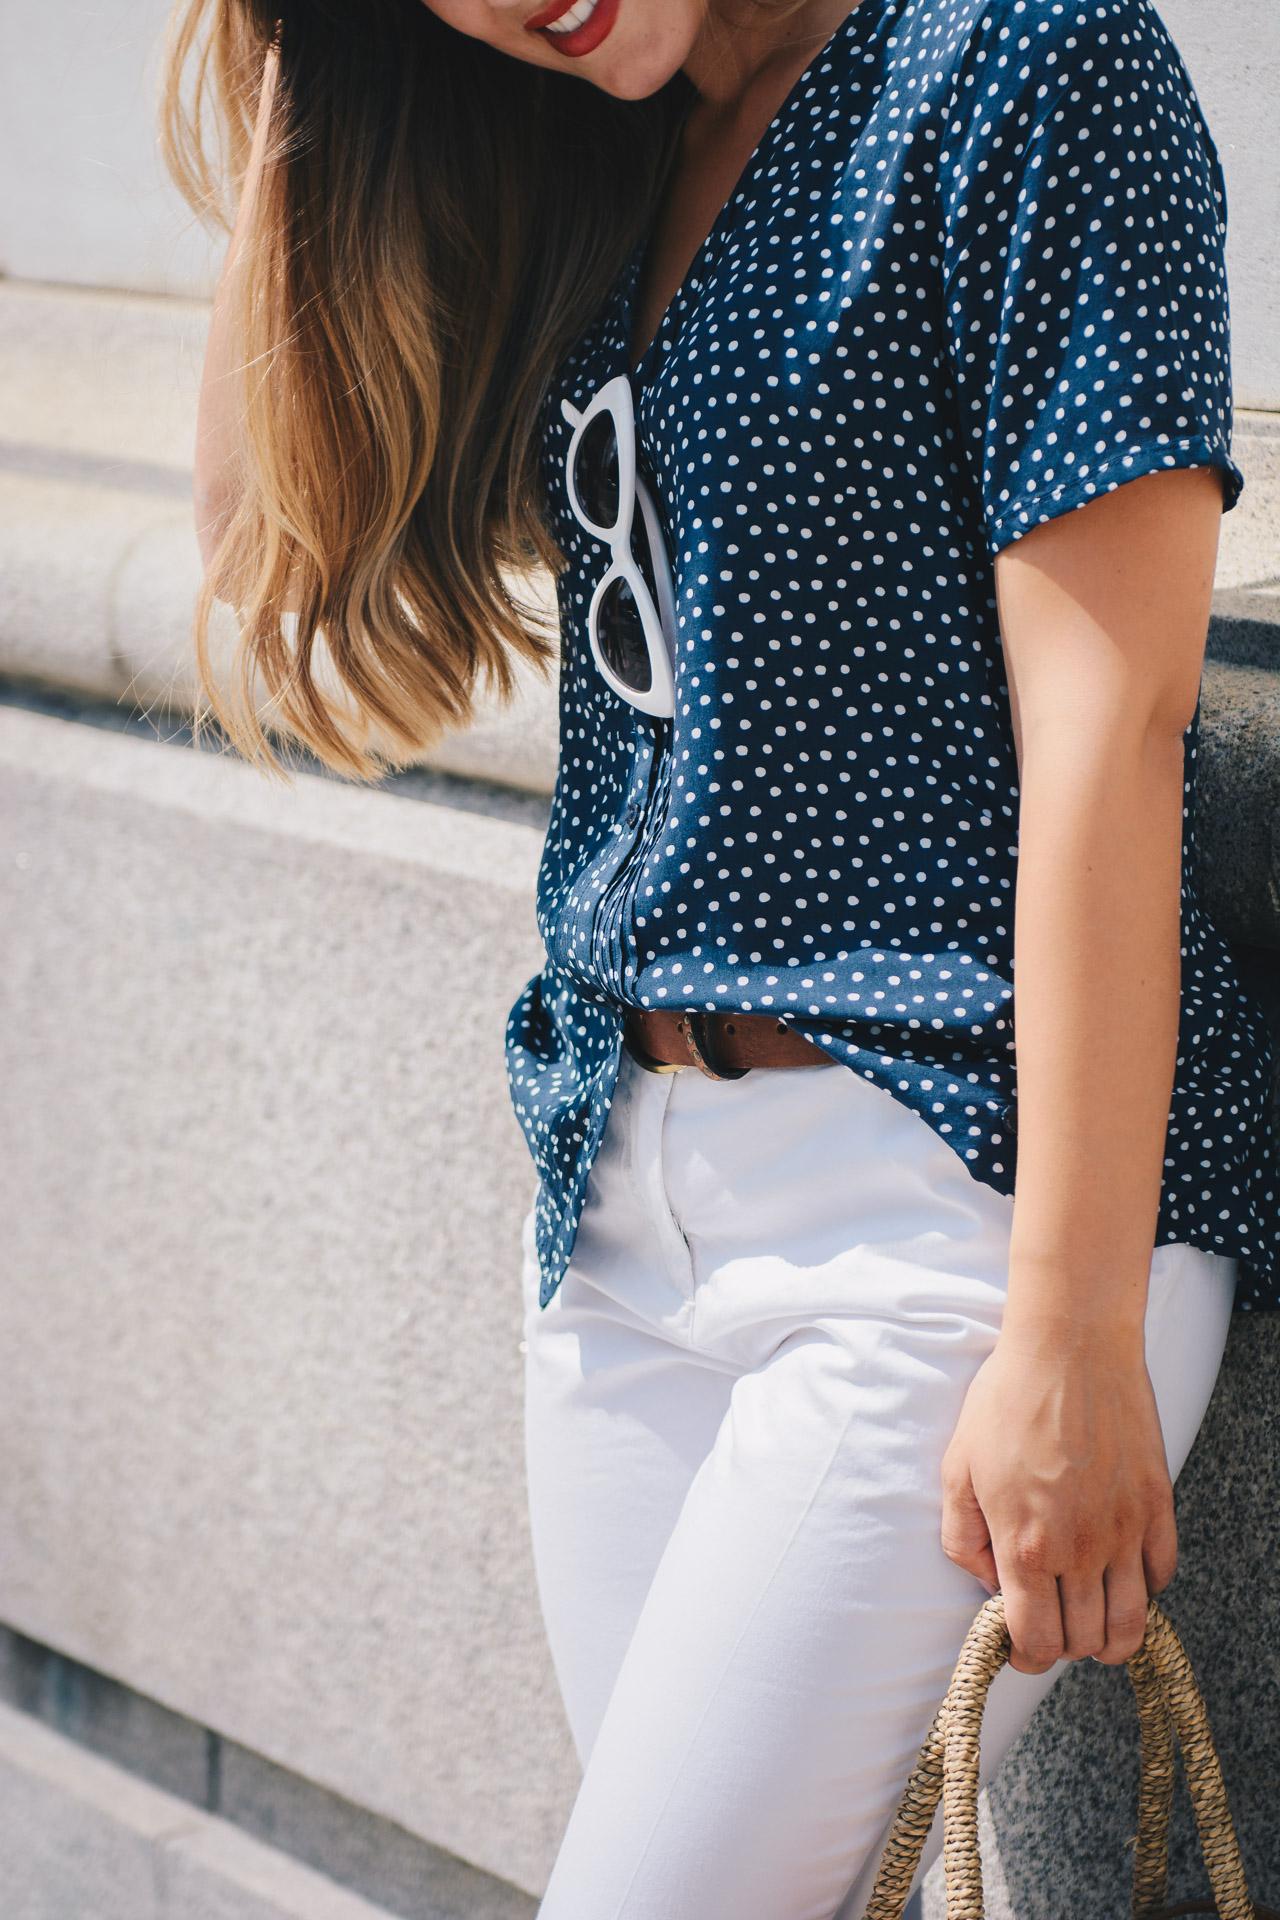 Polka dot shirt retro sunglasses